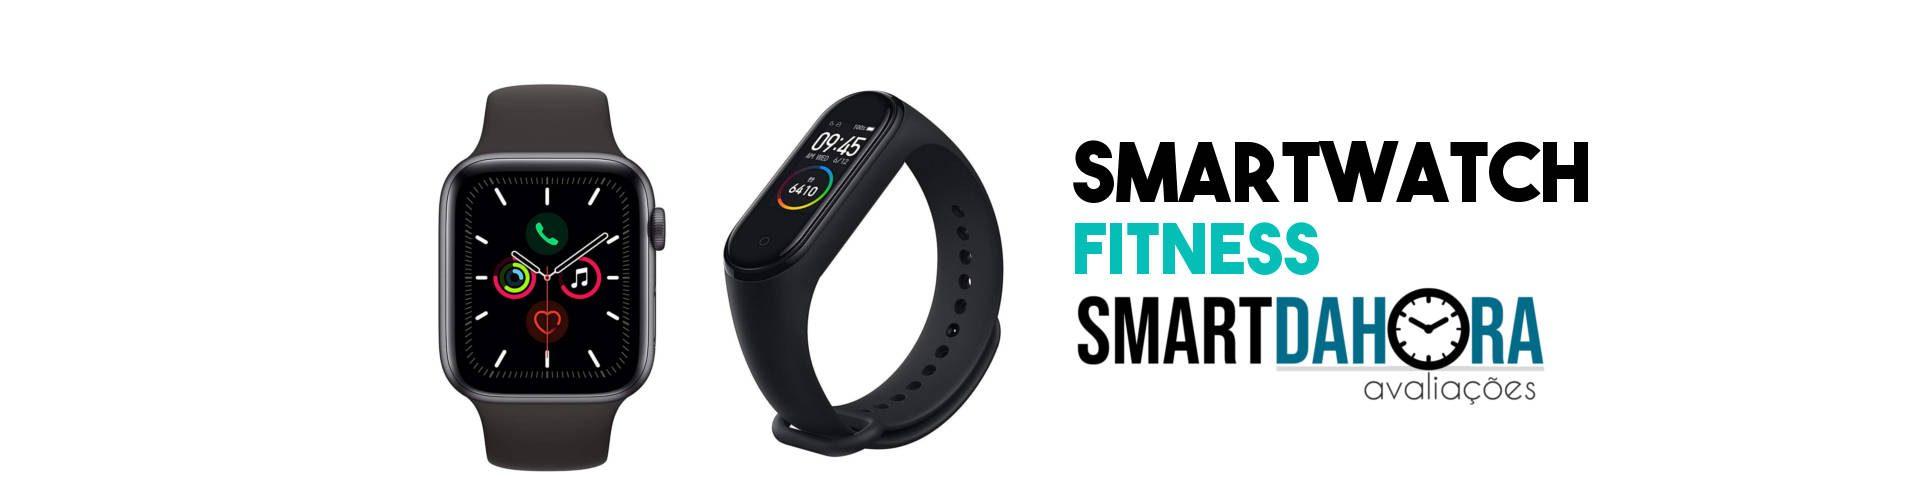 smartwatch e pulseira fitness